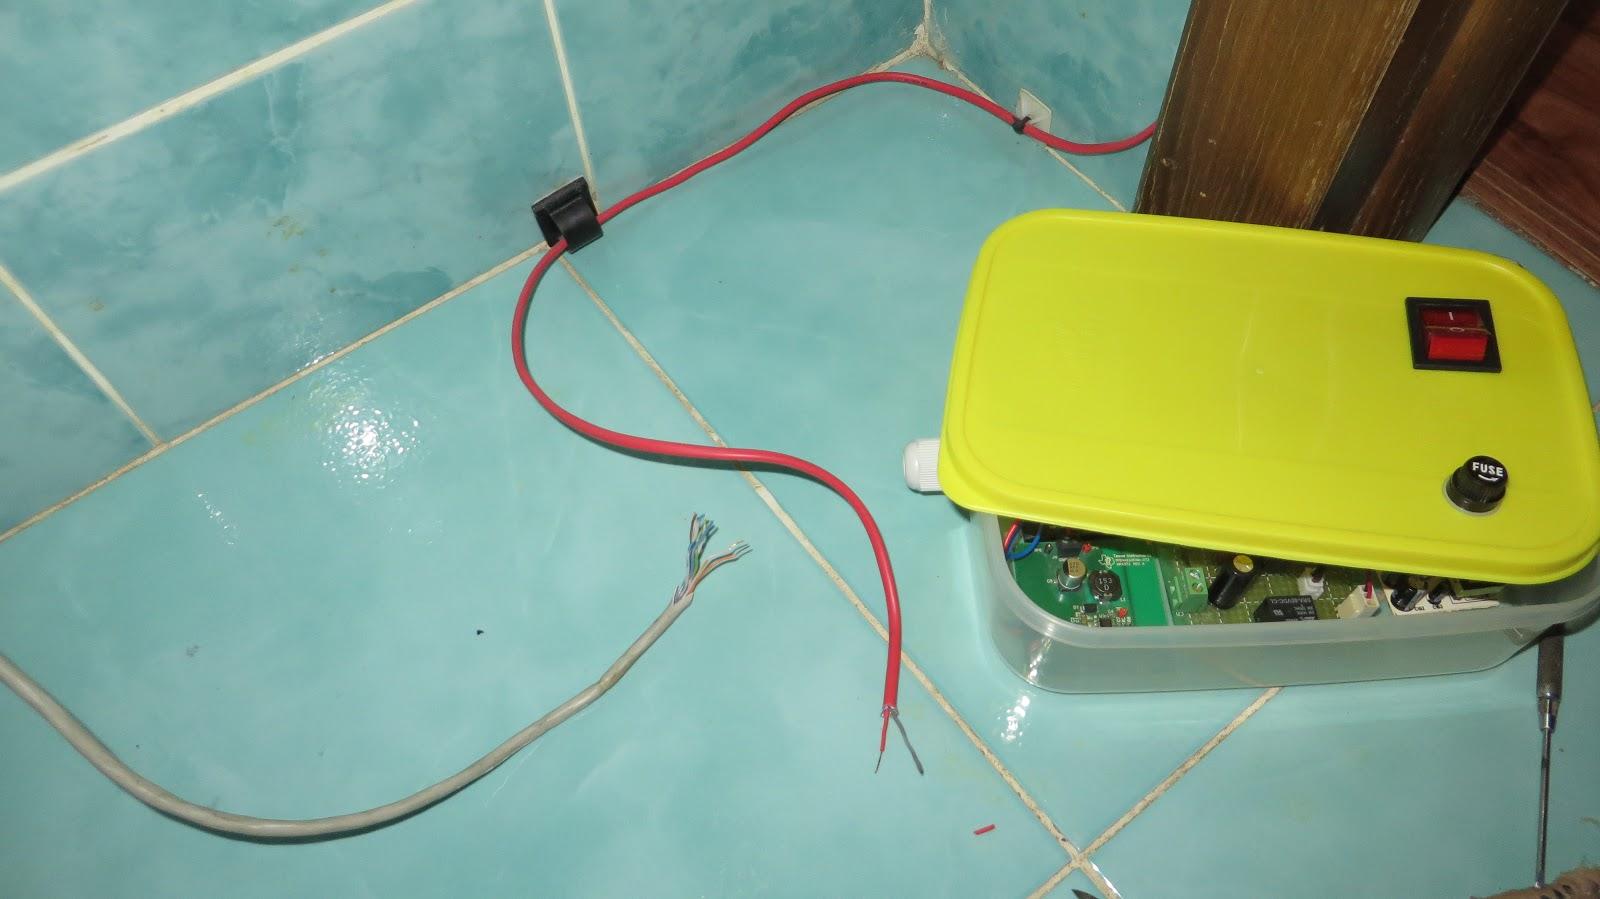 Battery Powered Hot Water Heater - Facias